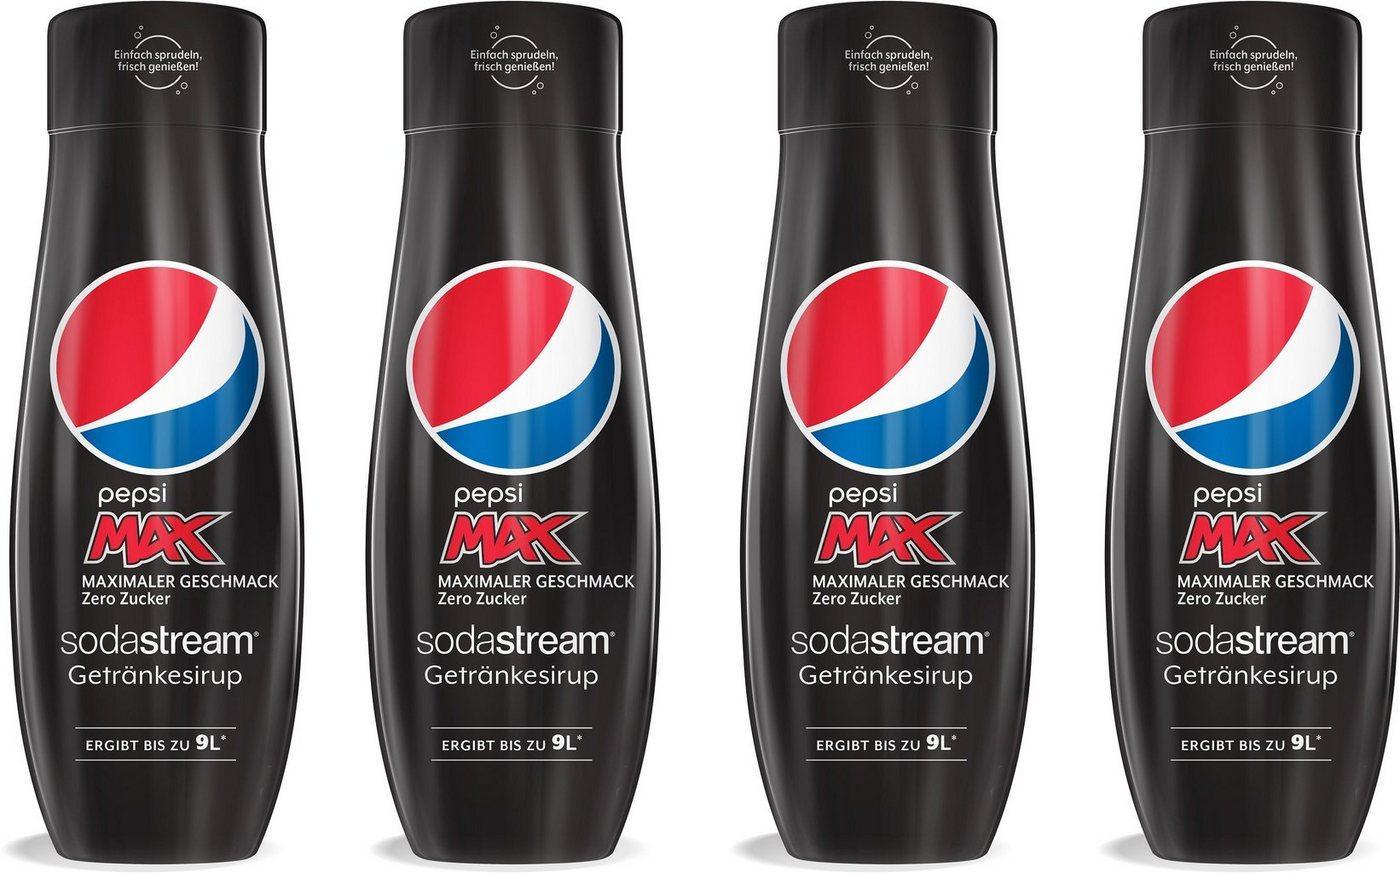 SodaStream Getränke-Sirup Pepsi Max, 4 Stück, für bis zu 9 Liter Fertiggetränk